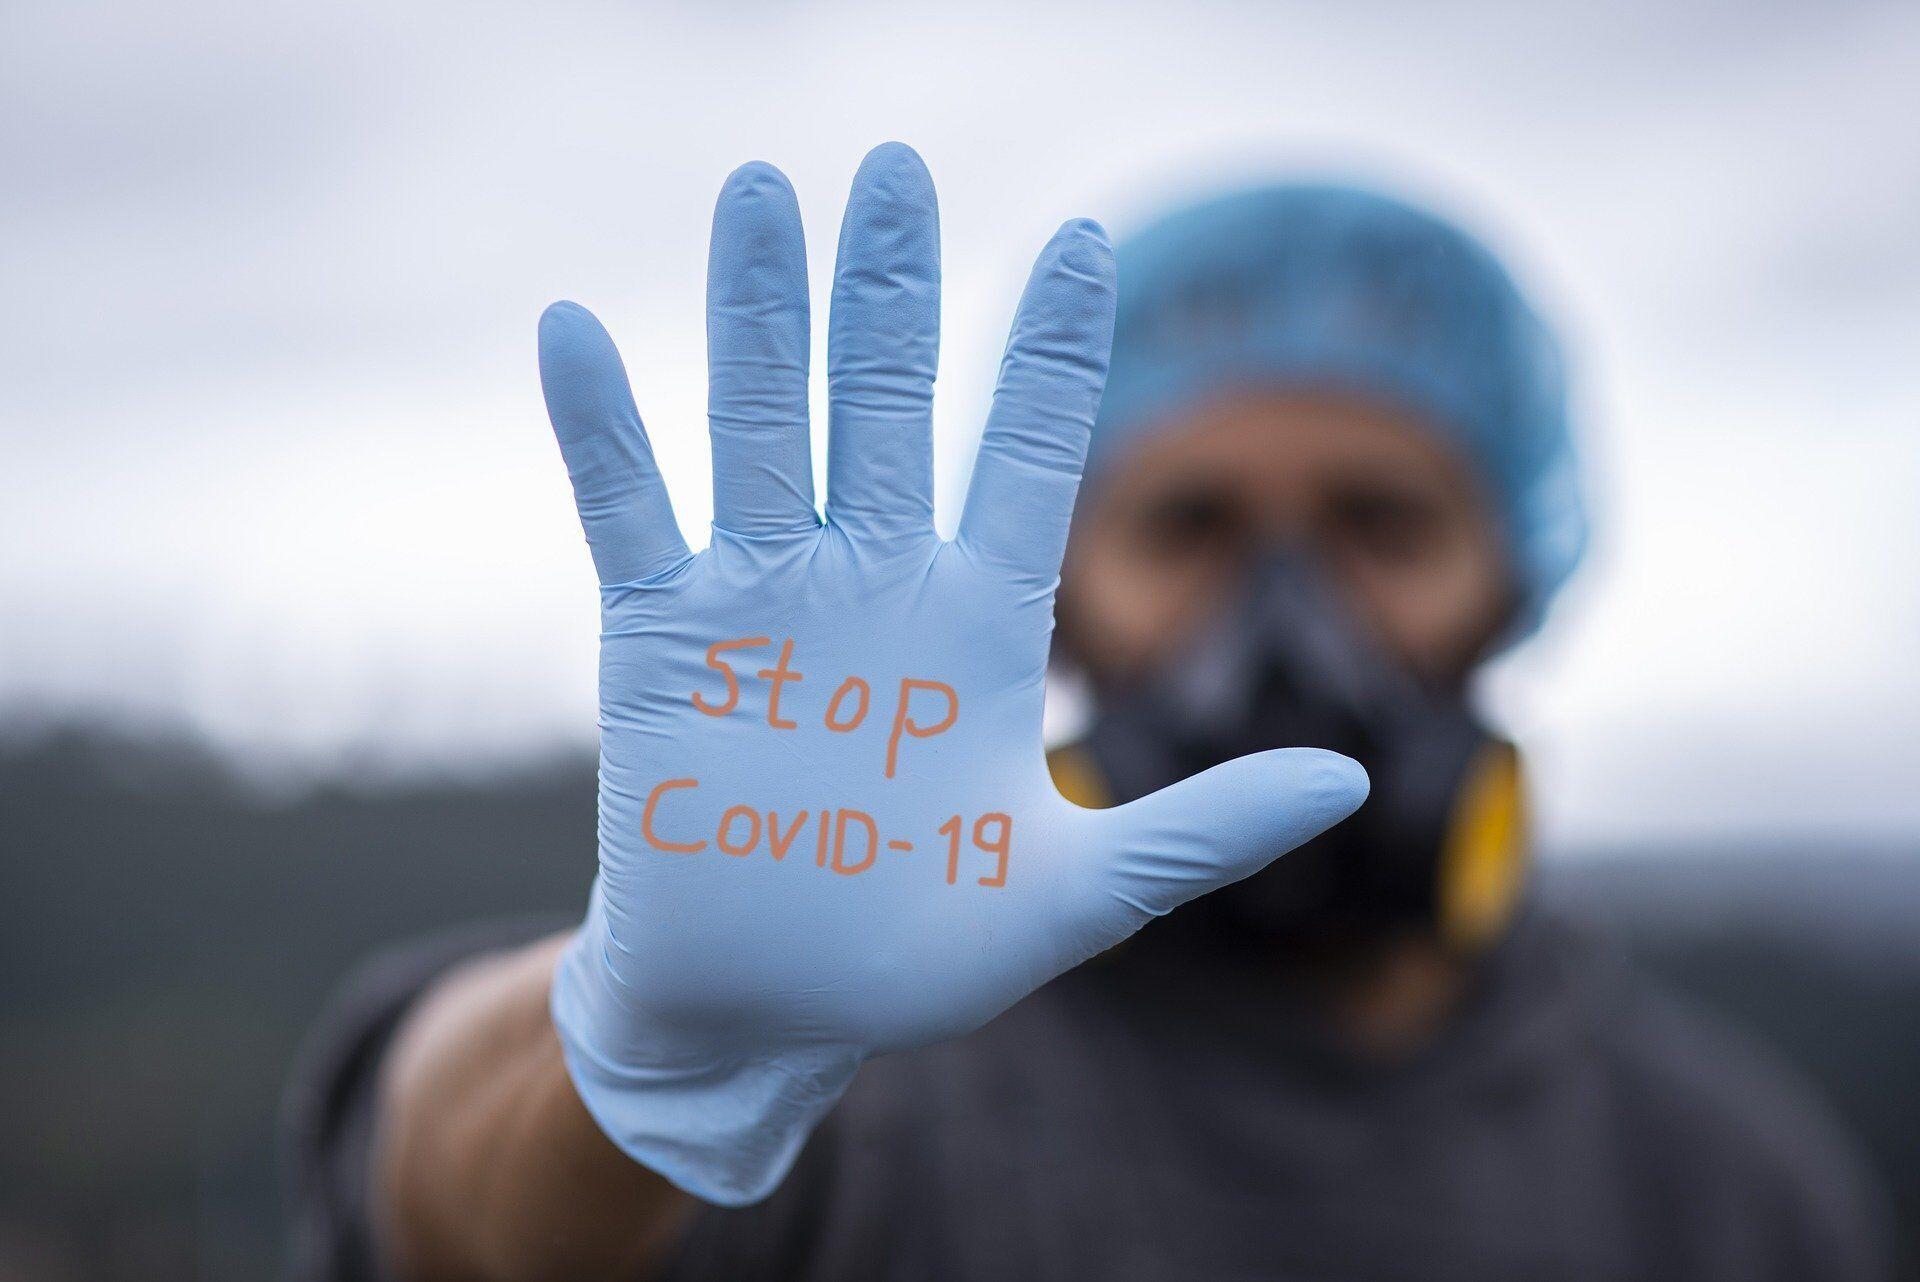 Ученые заявили о возможной связи между загрязнением воздуха и уровнем заболеваемости COVID-19